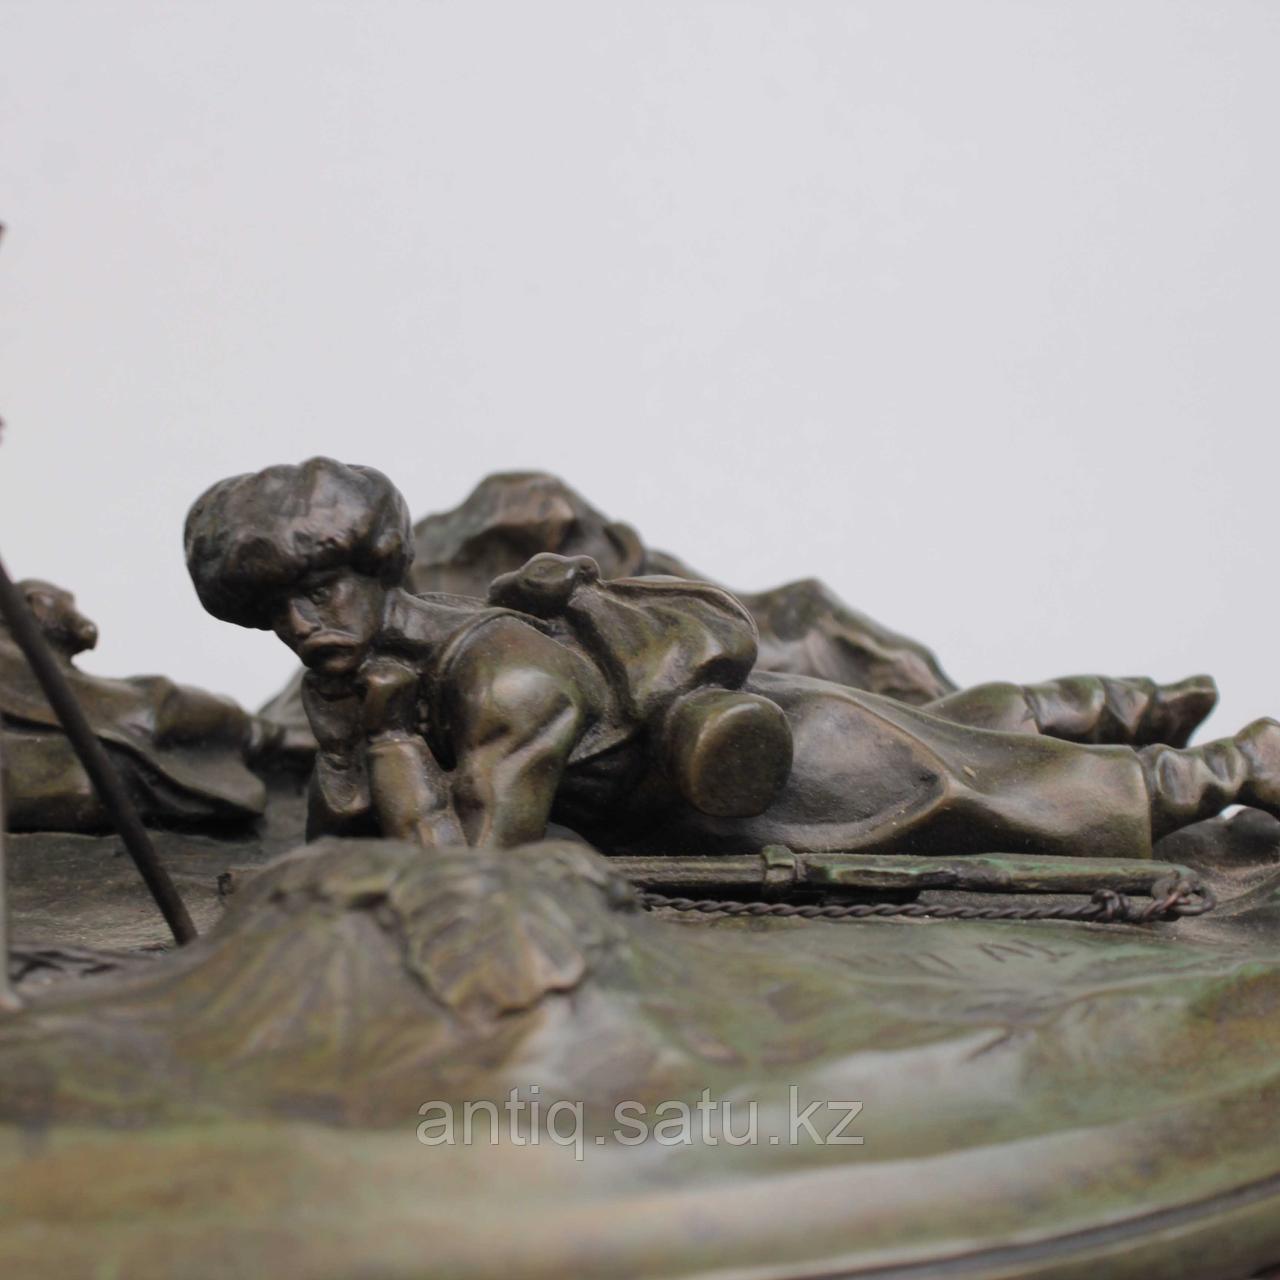 Черкес, заметивший врага. По модели российского скульптора В.Я. Грачева - фото 4